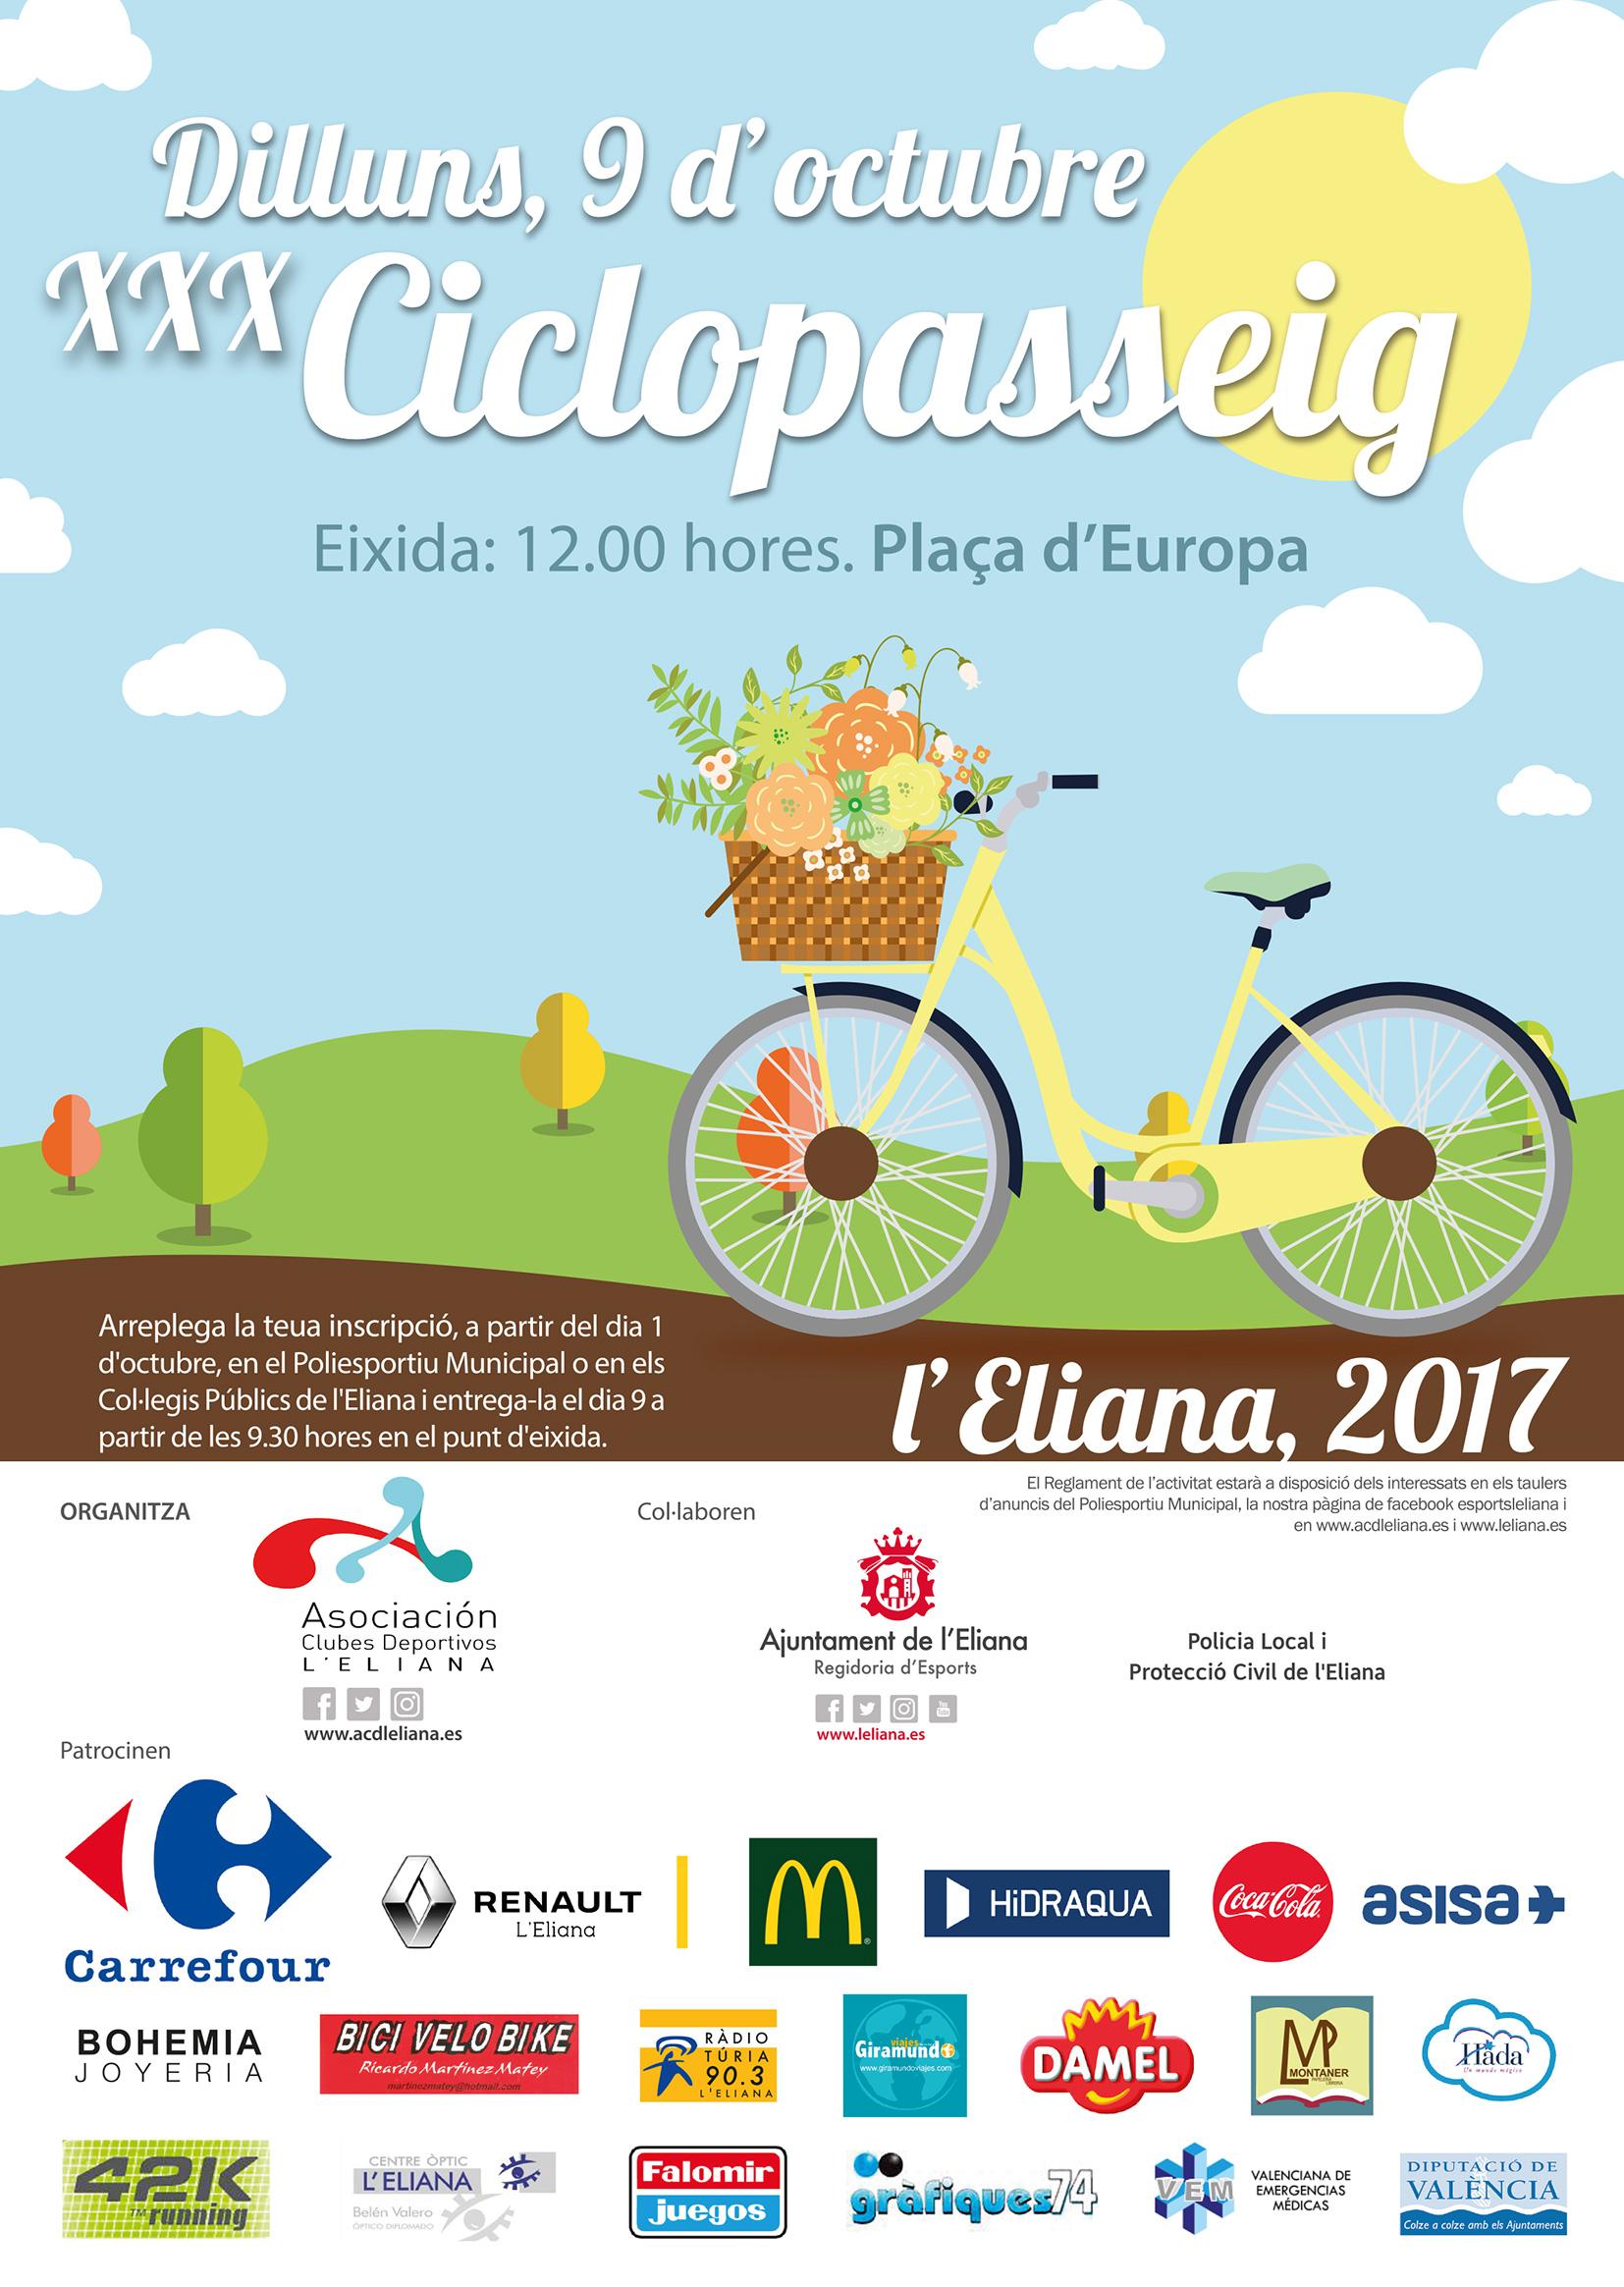 Cartel de la iniciativa que acoge stos días la población de L'Eliana.